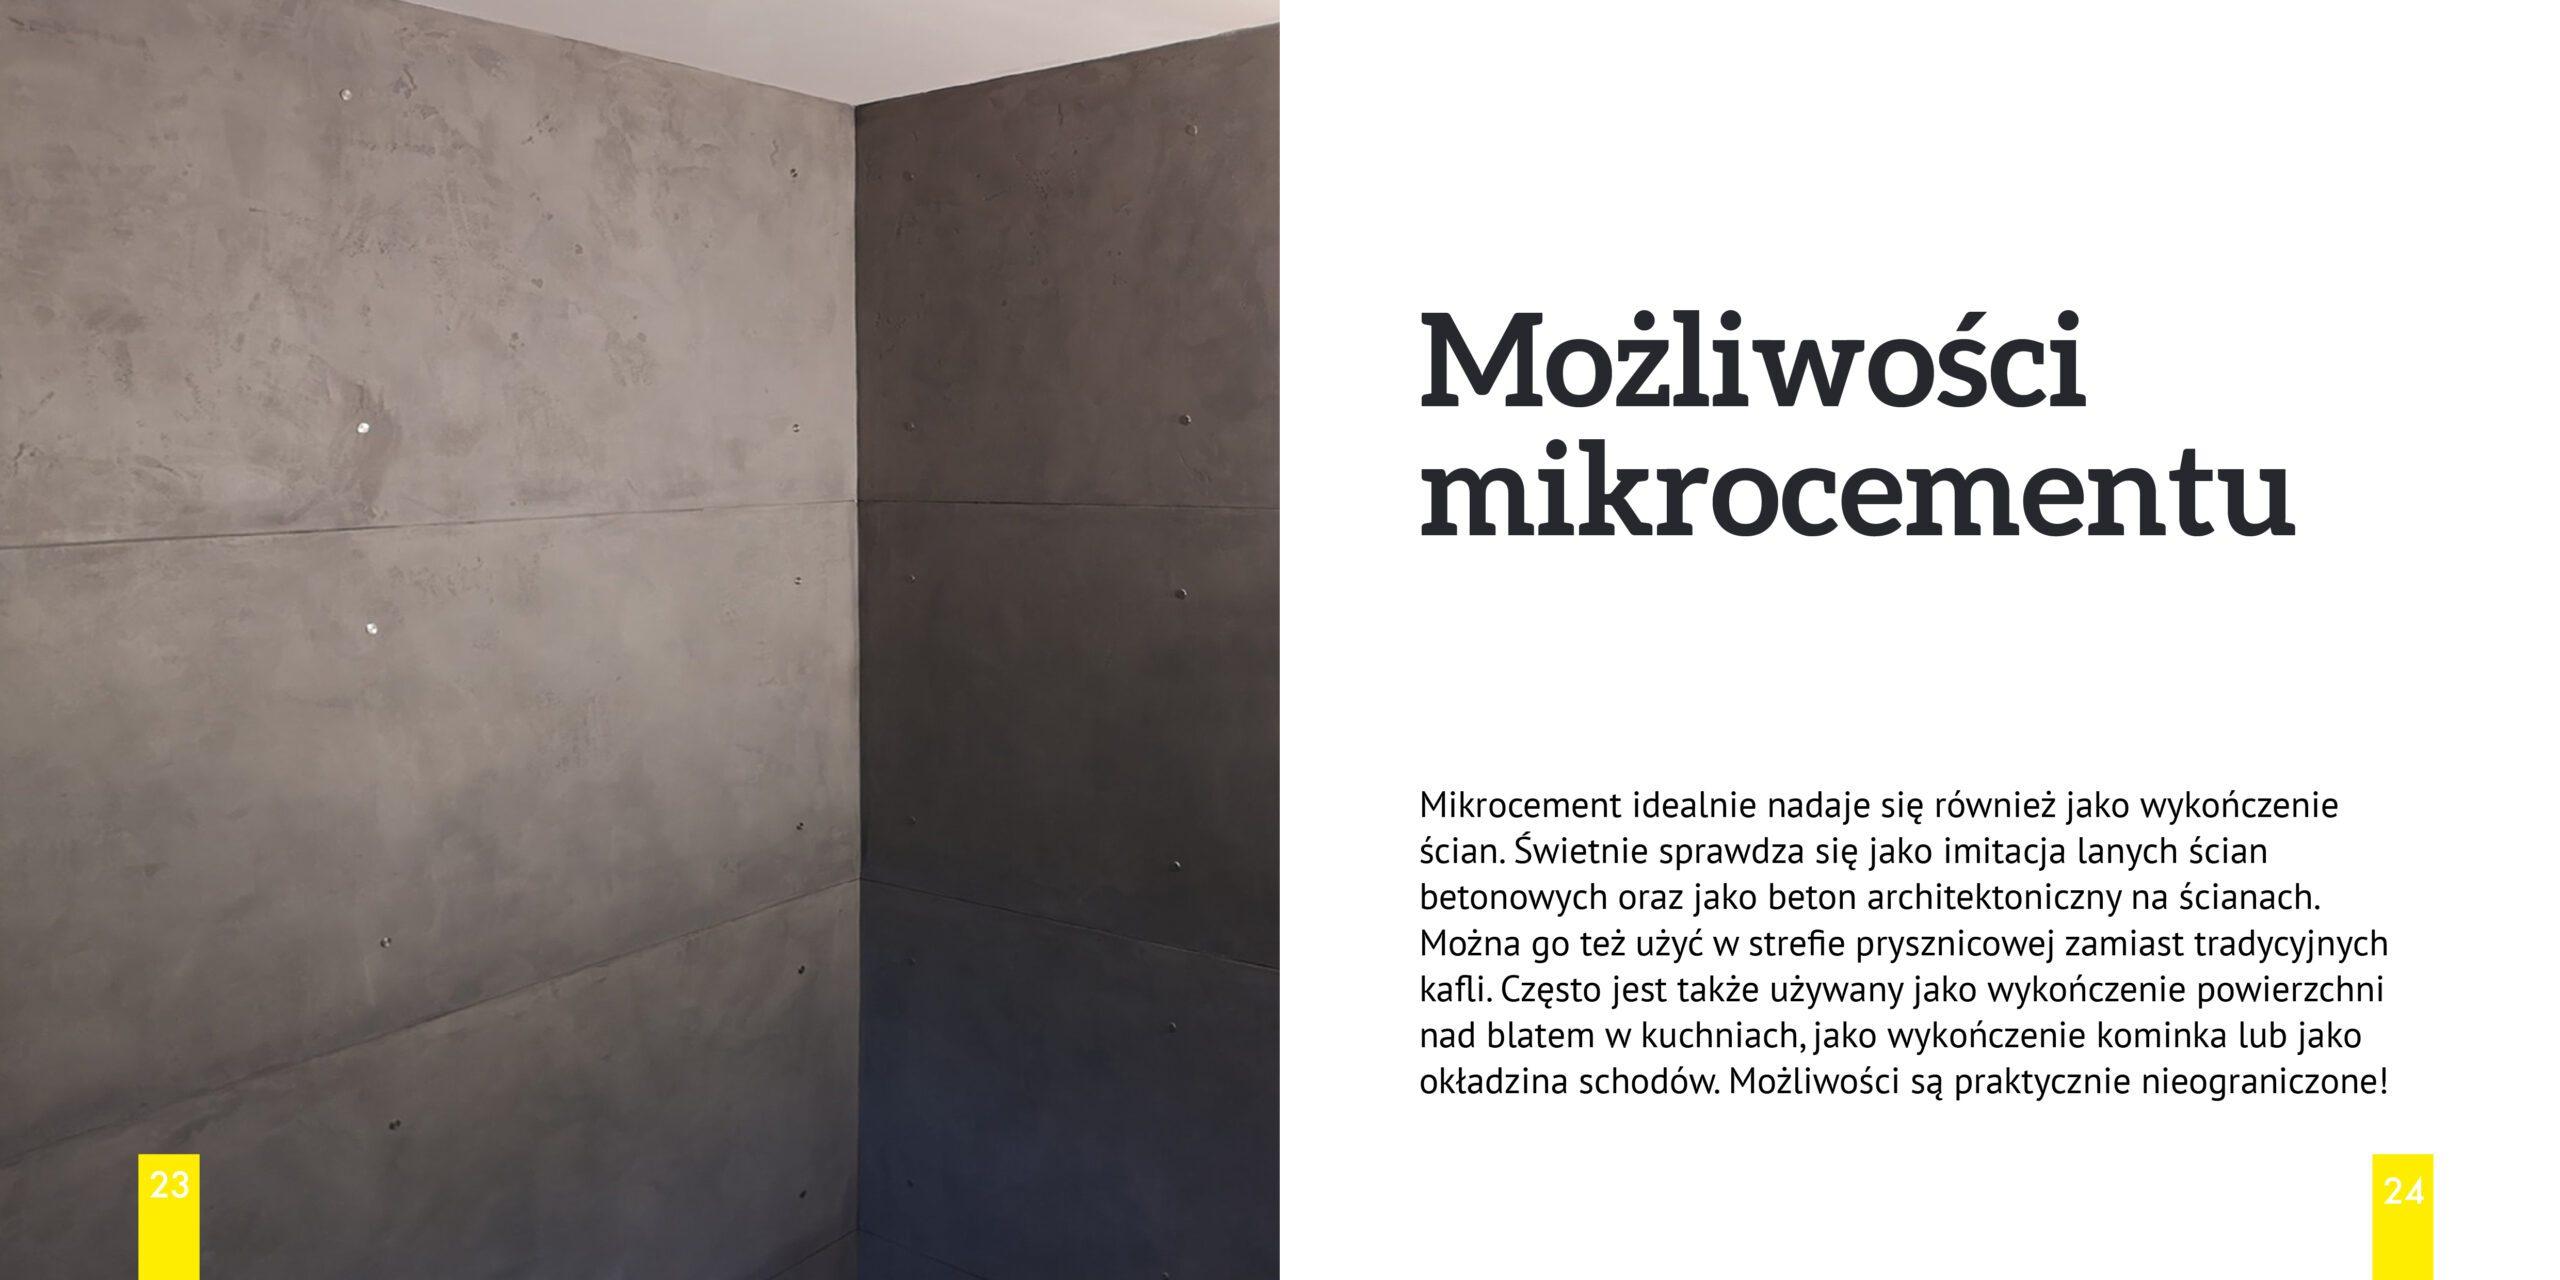 beton a mikrocement